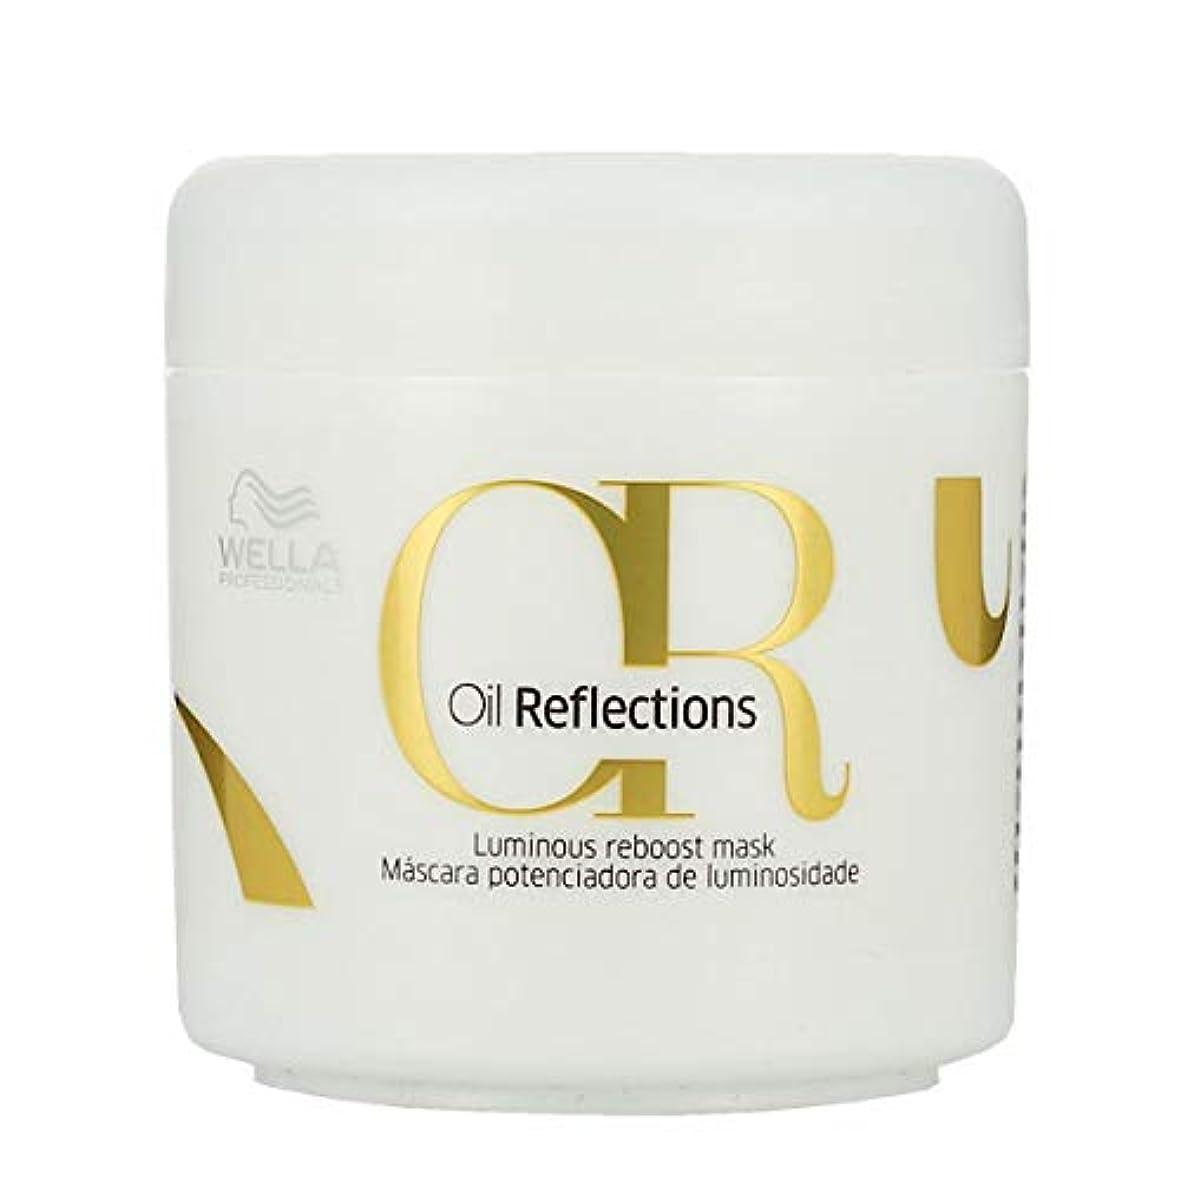 除外するラウズ大事にするWella Professionals Oil Reflections Luminous Reboost Mask ウエラ オイルリフレクション マスク 150 ml [並行輸入品]